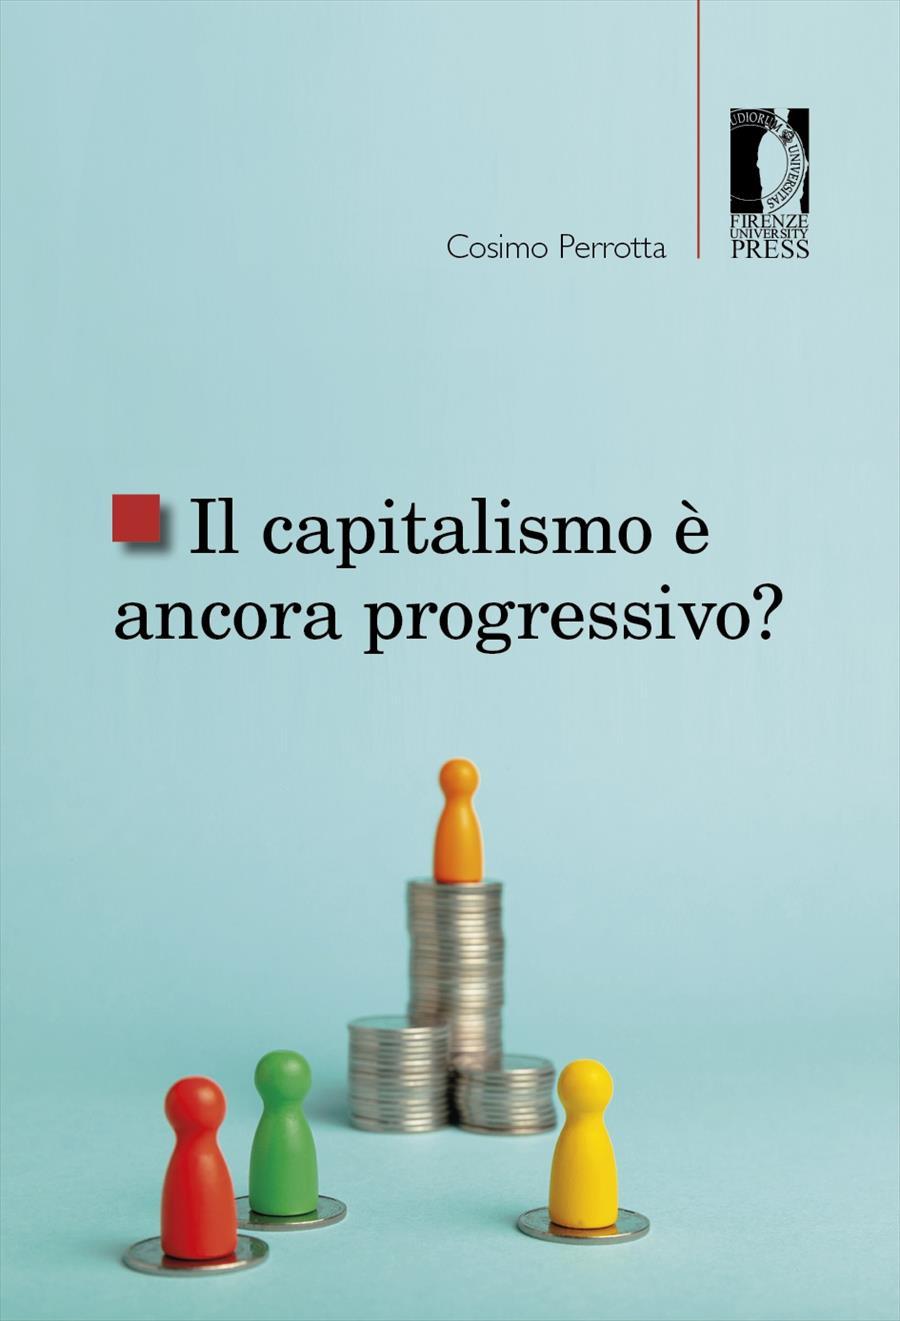 Il capitalismo è ancora progressivo?